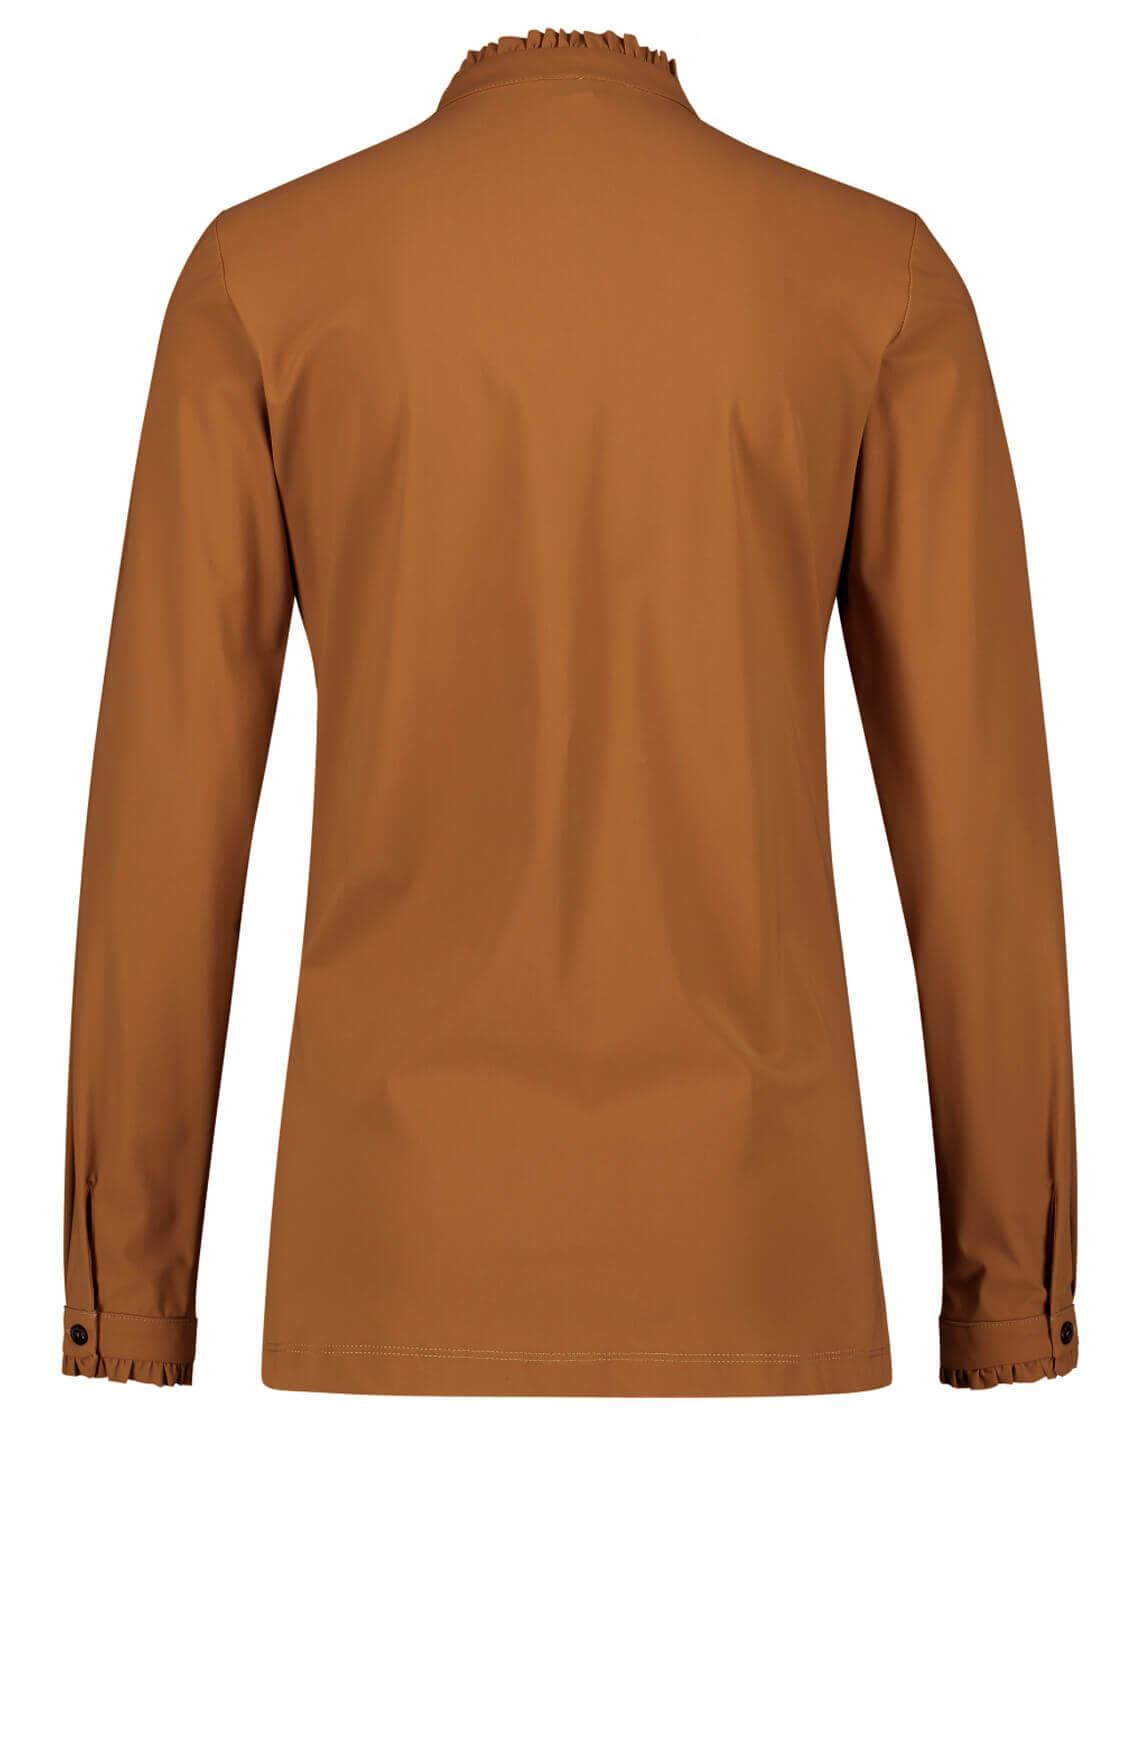 Jane Lushka Dames Lora blouse Bruin